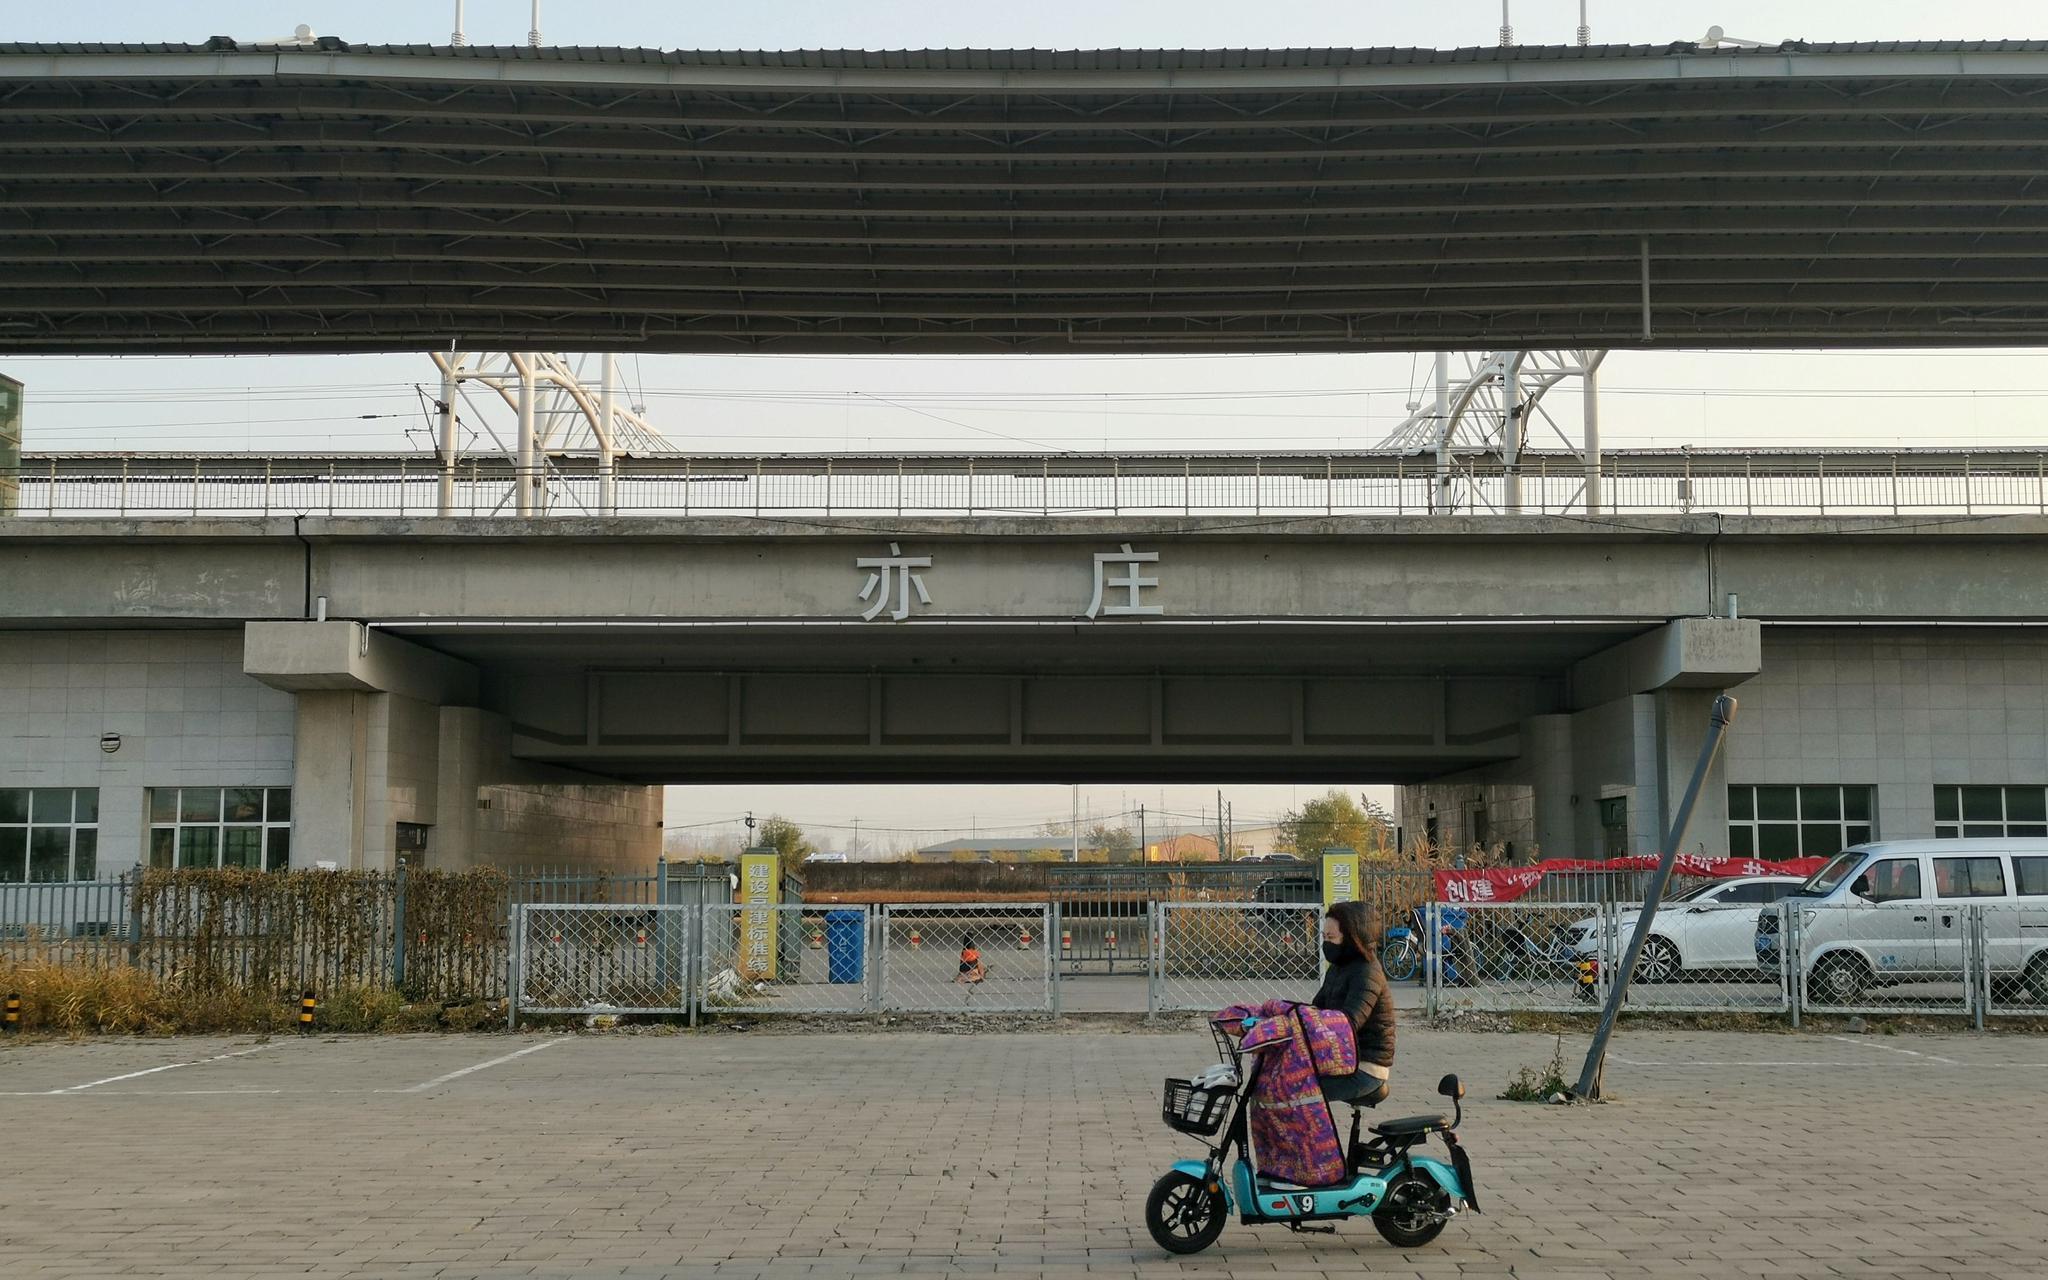 北京亦庄火车站建成十年未开通